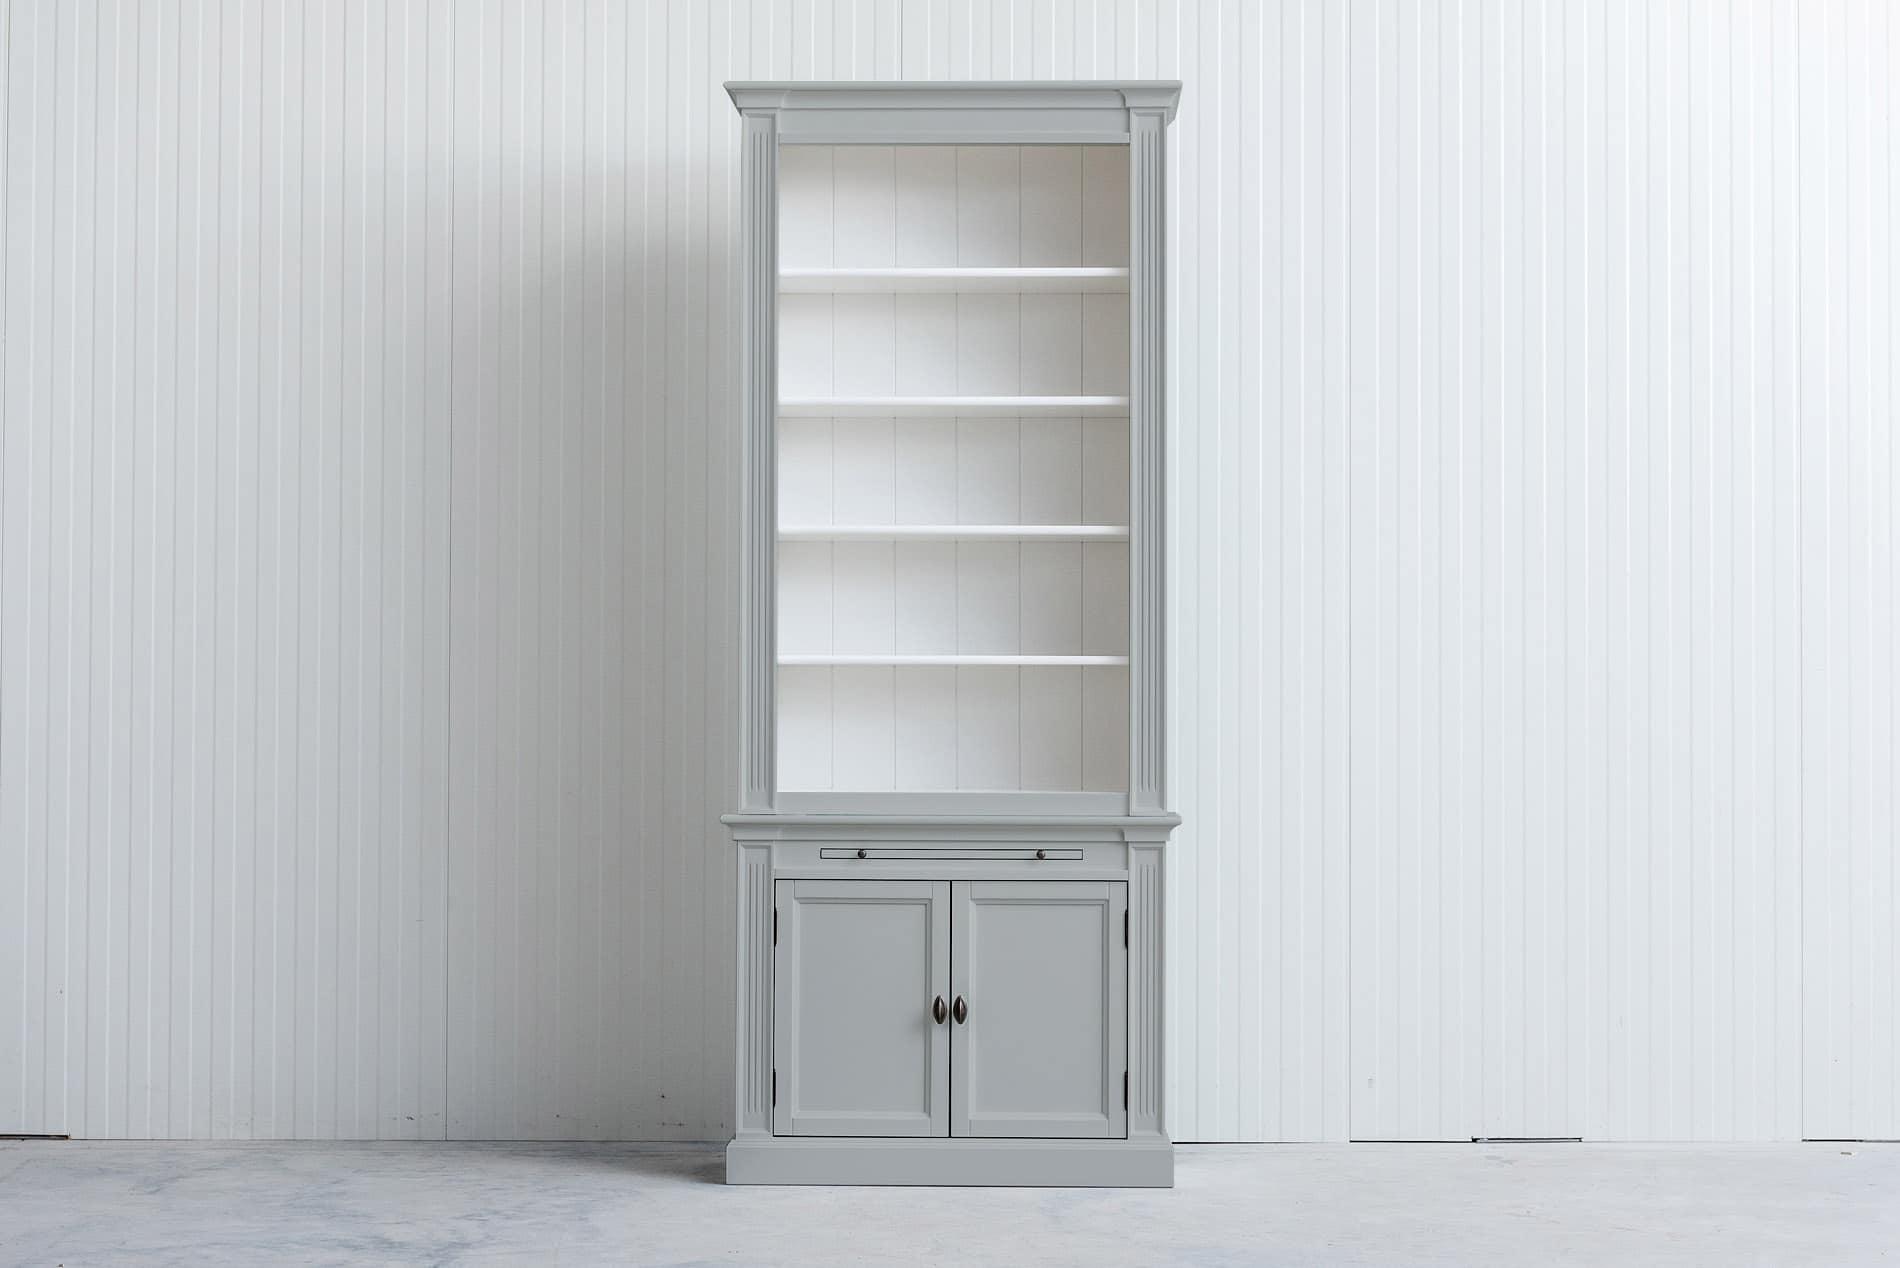 Landelijke boekenkast 1×4 m – Lichtgrijs – RAL7035